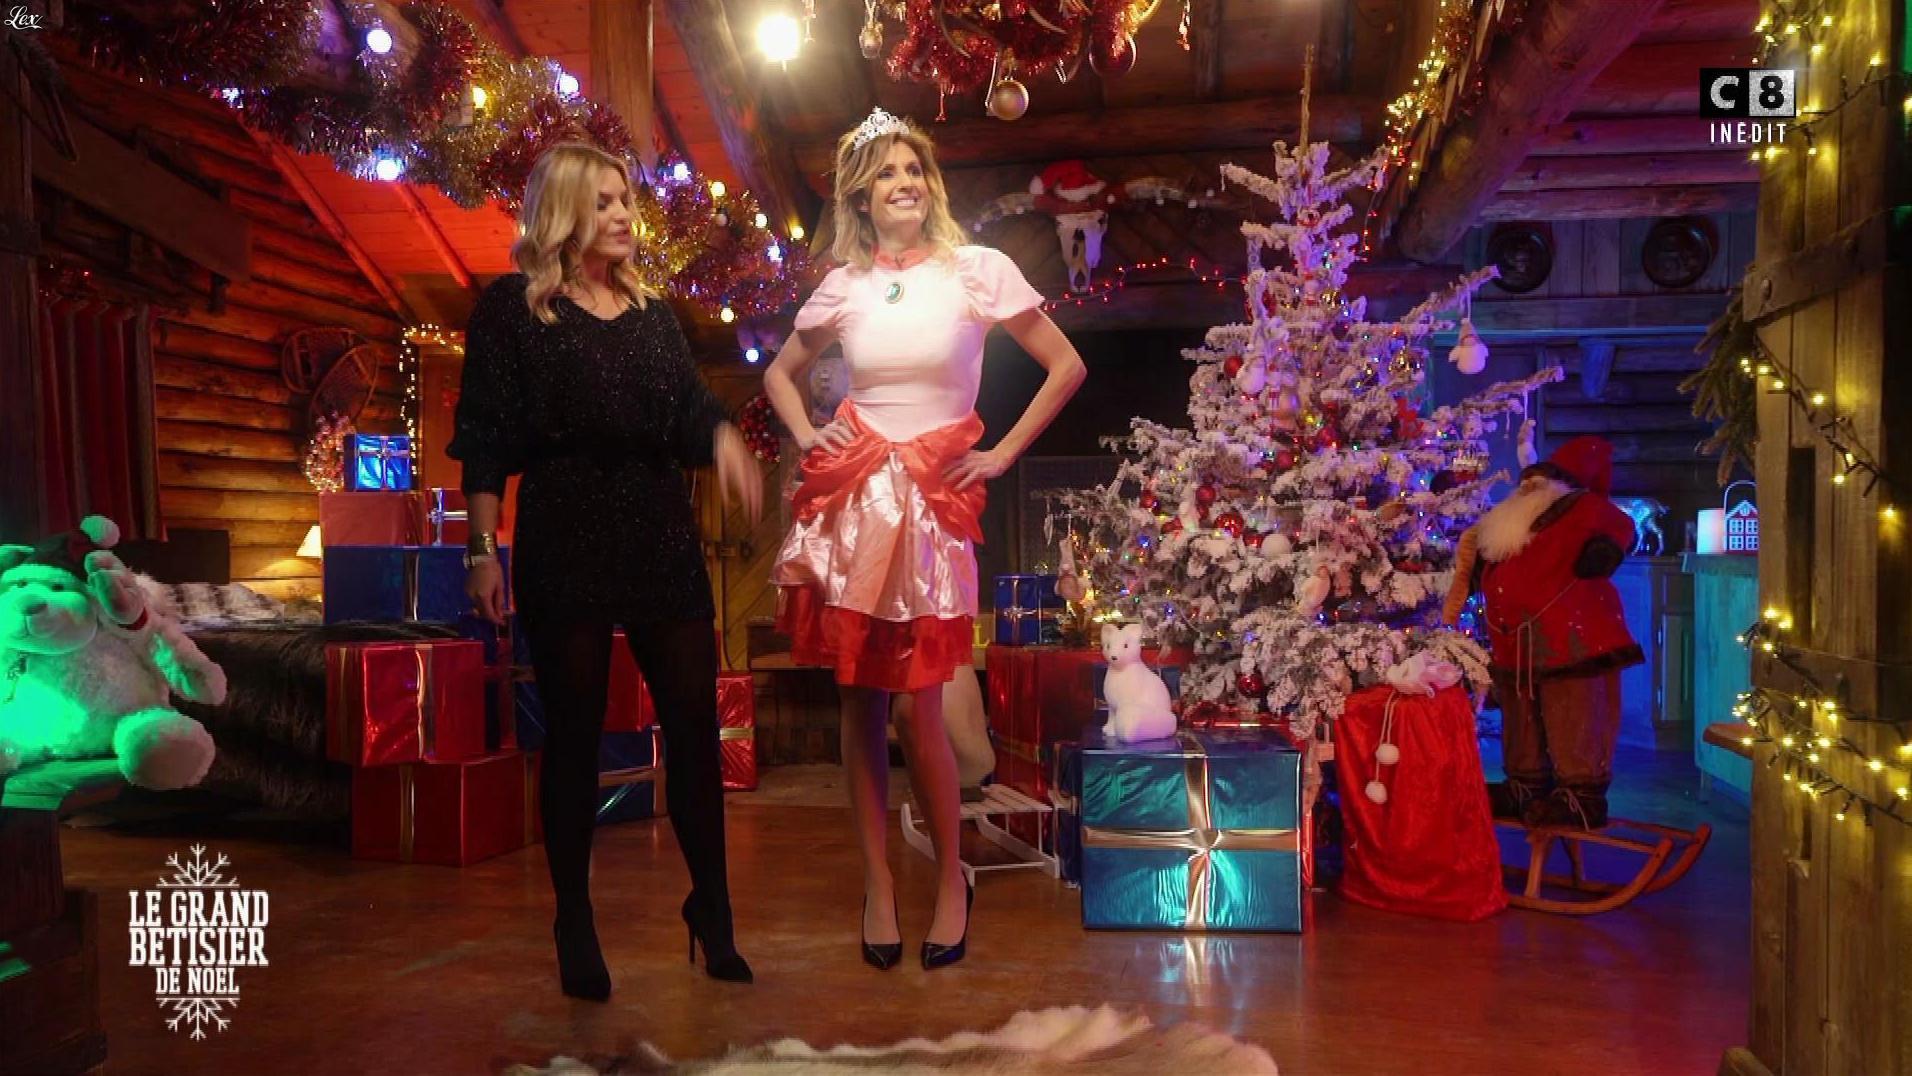 Caroline Ithurbide et Justine Fraioli dans le Grand Bêtisier de Noel. Diffusé à la télévision le 18/12/17.